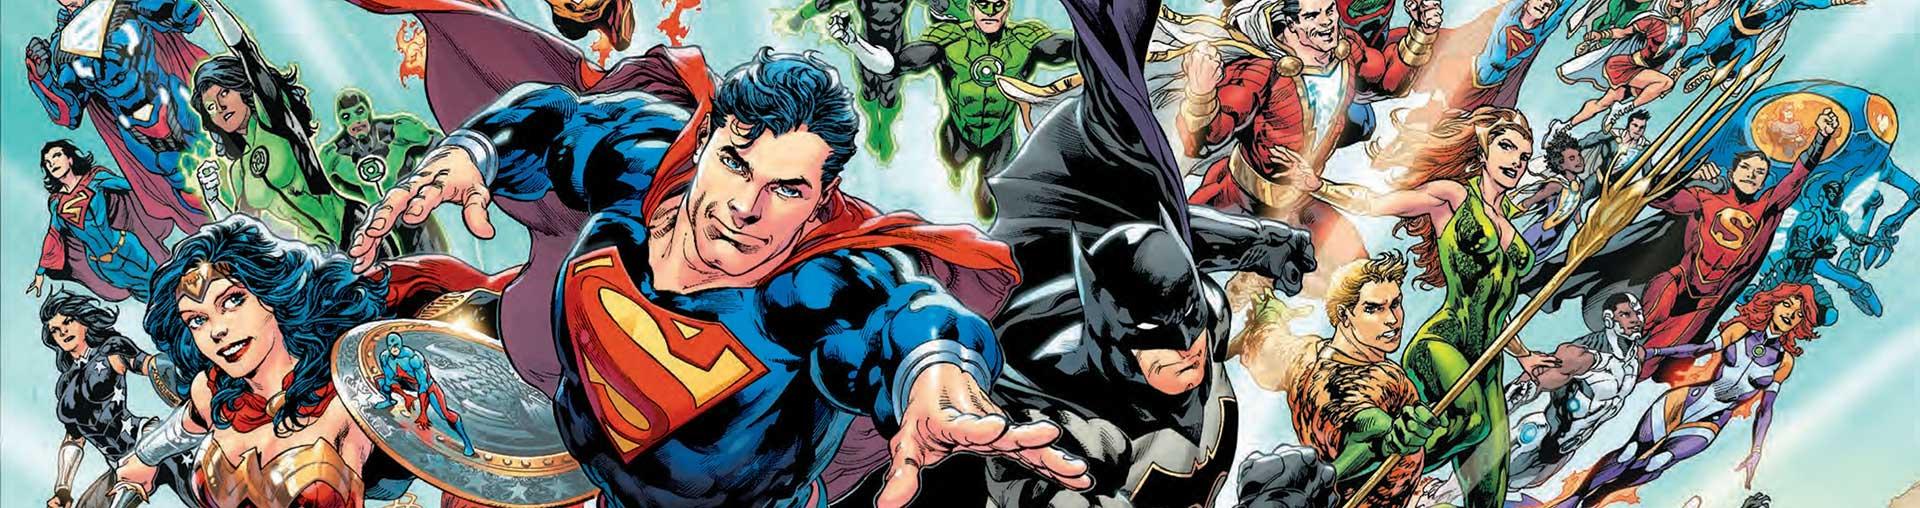 Top 100 DC Comics